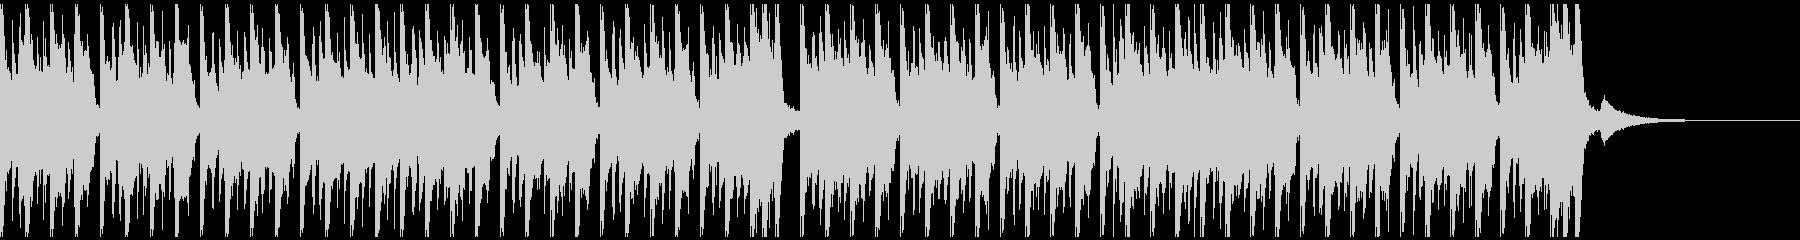 エレクトロスポーツ(40秒)の未再生の波形